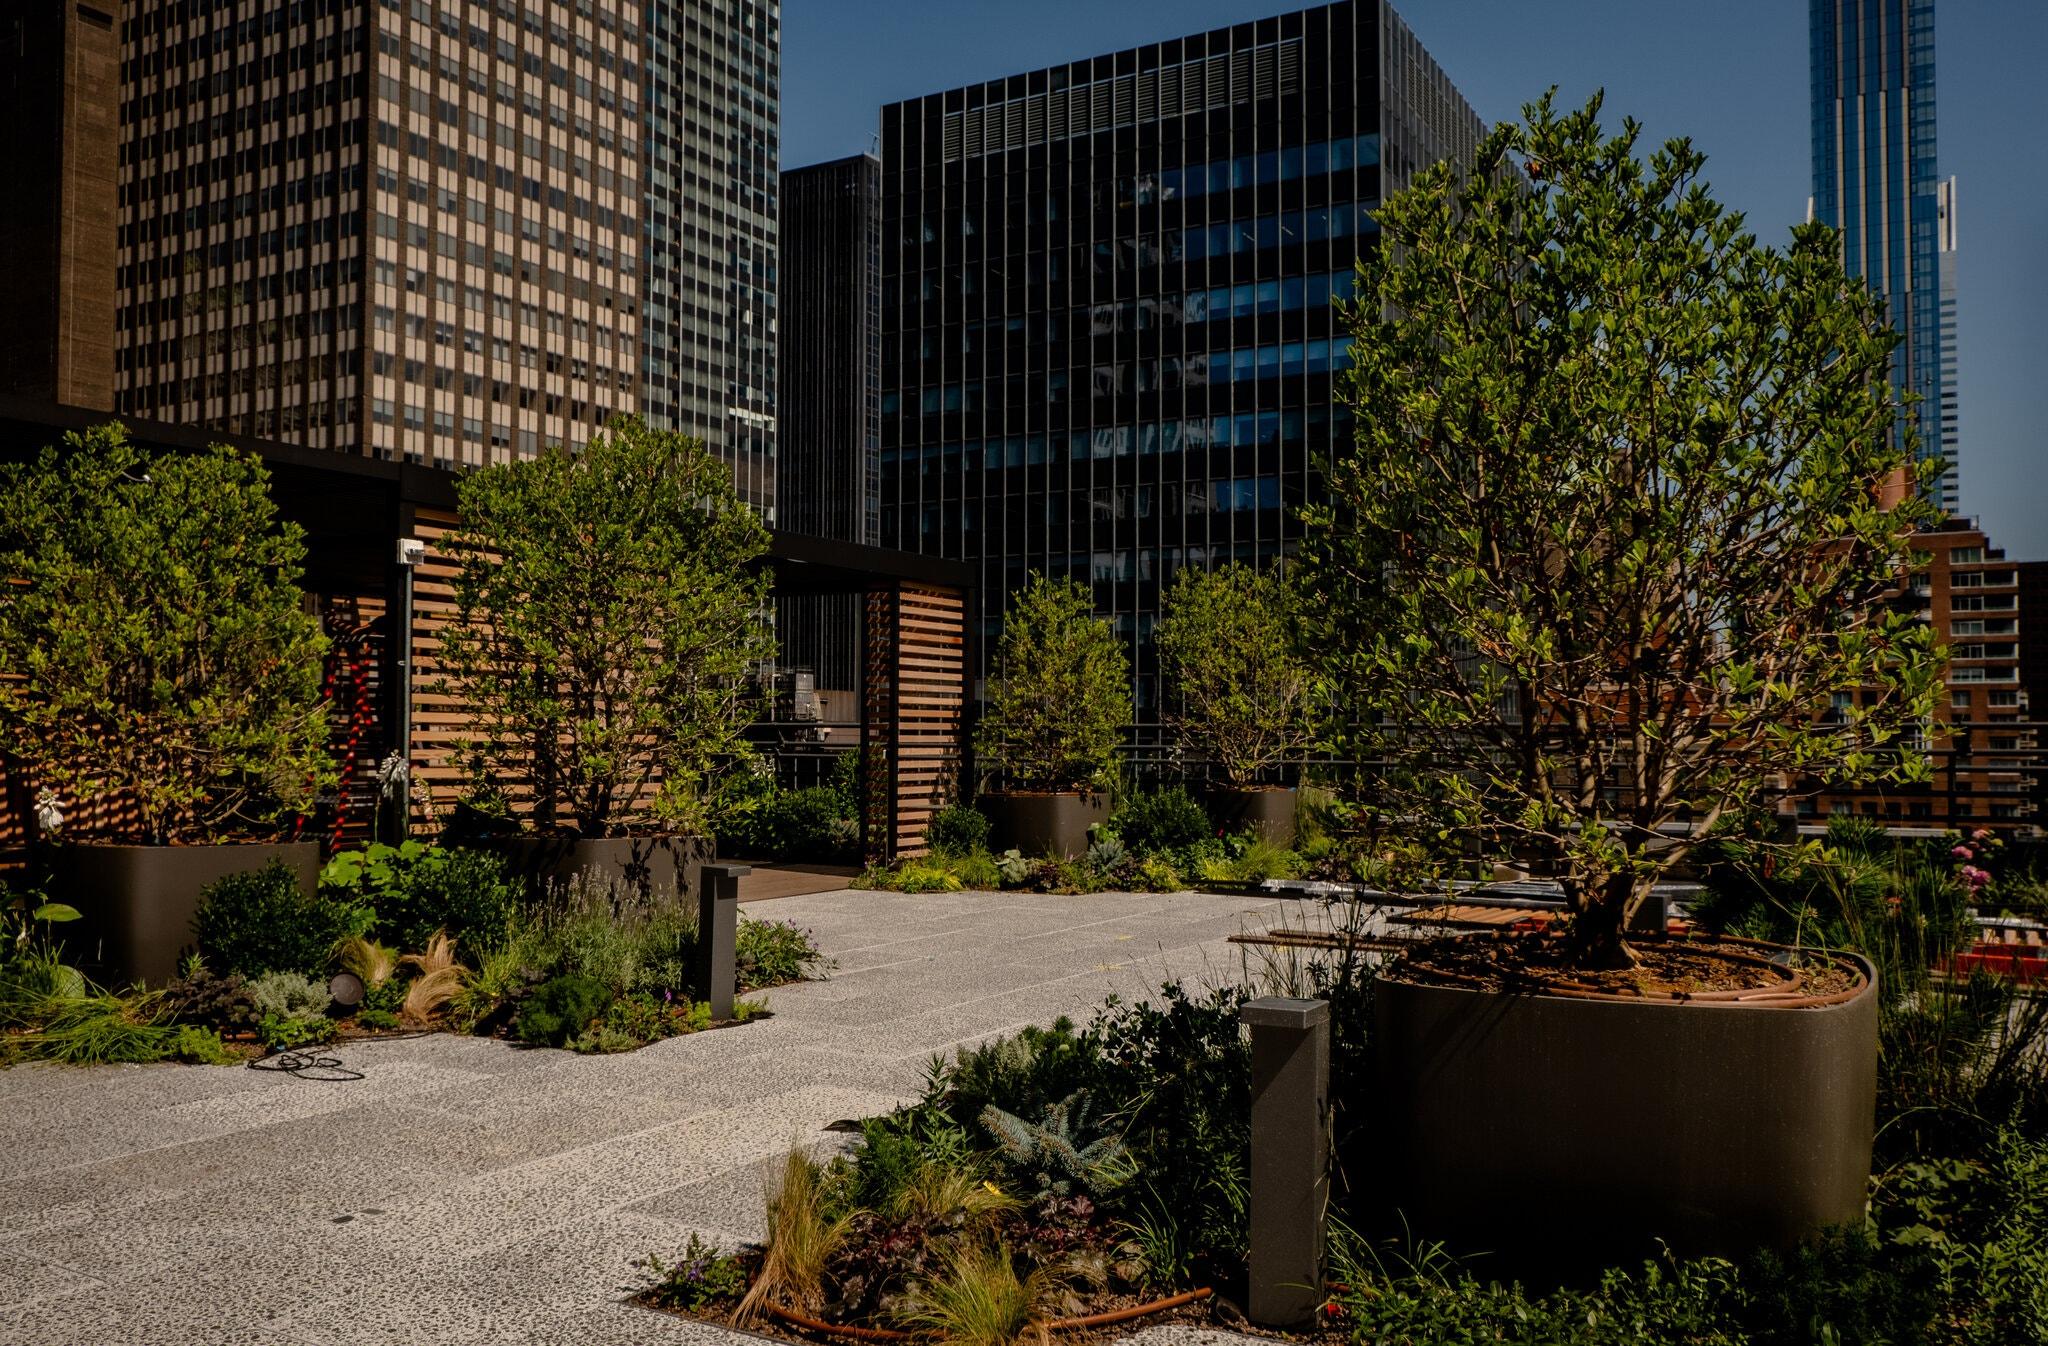 Терраса на крыше одного из офисных зданий в Нью-Йорке. Фото — Hilary Swift / The New York Times.